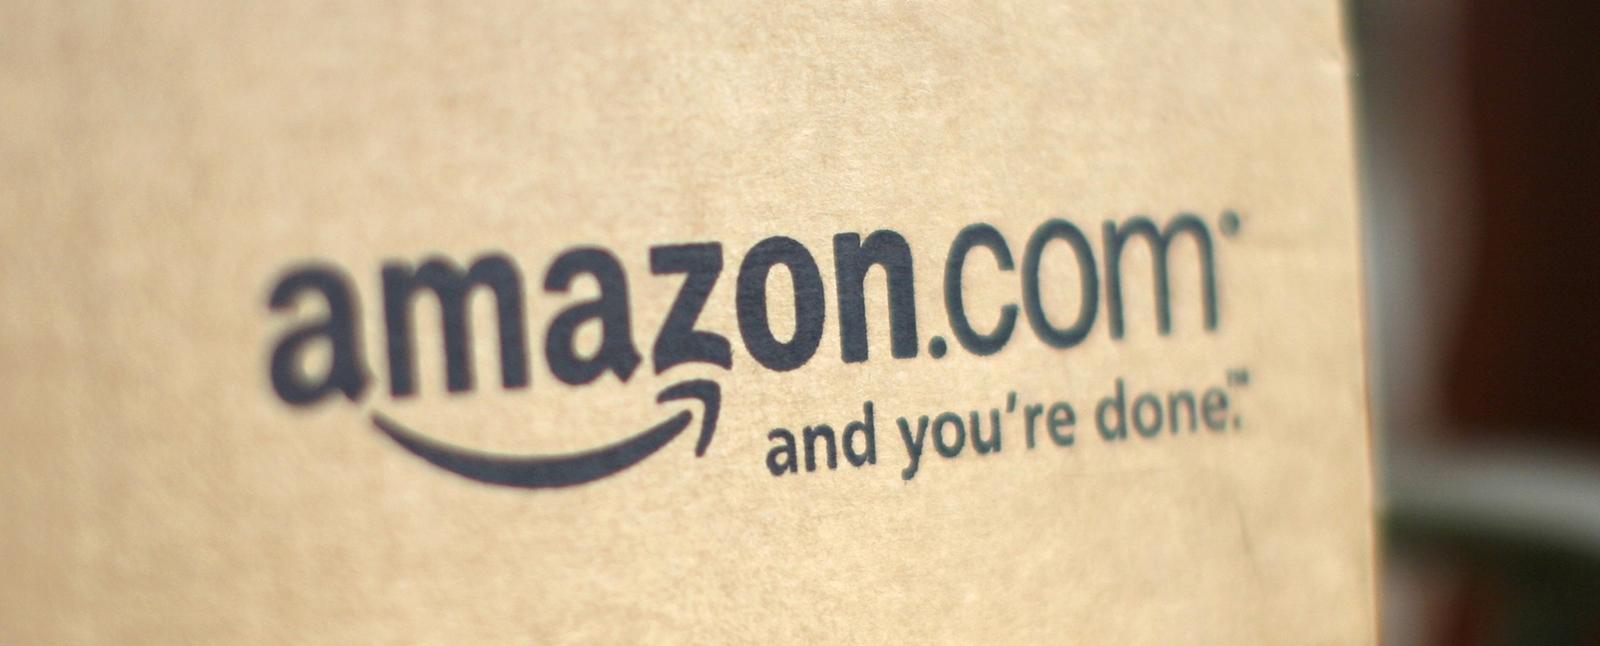 Amazon's ridiculous takedown principles!